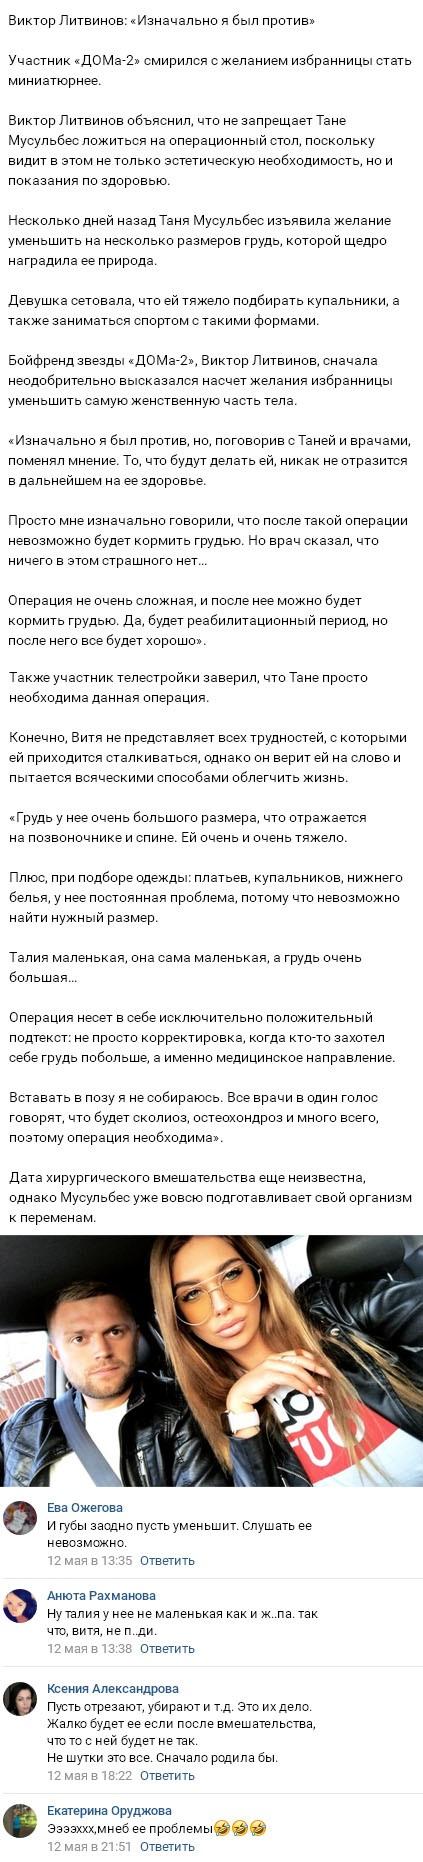 Виктор Литвинов дал согласие на операцию Татьяны Мусульбес